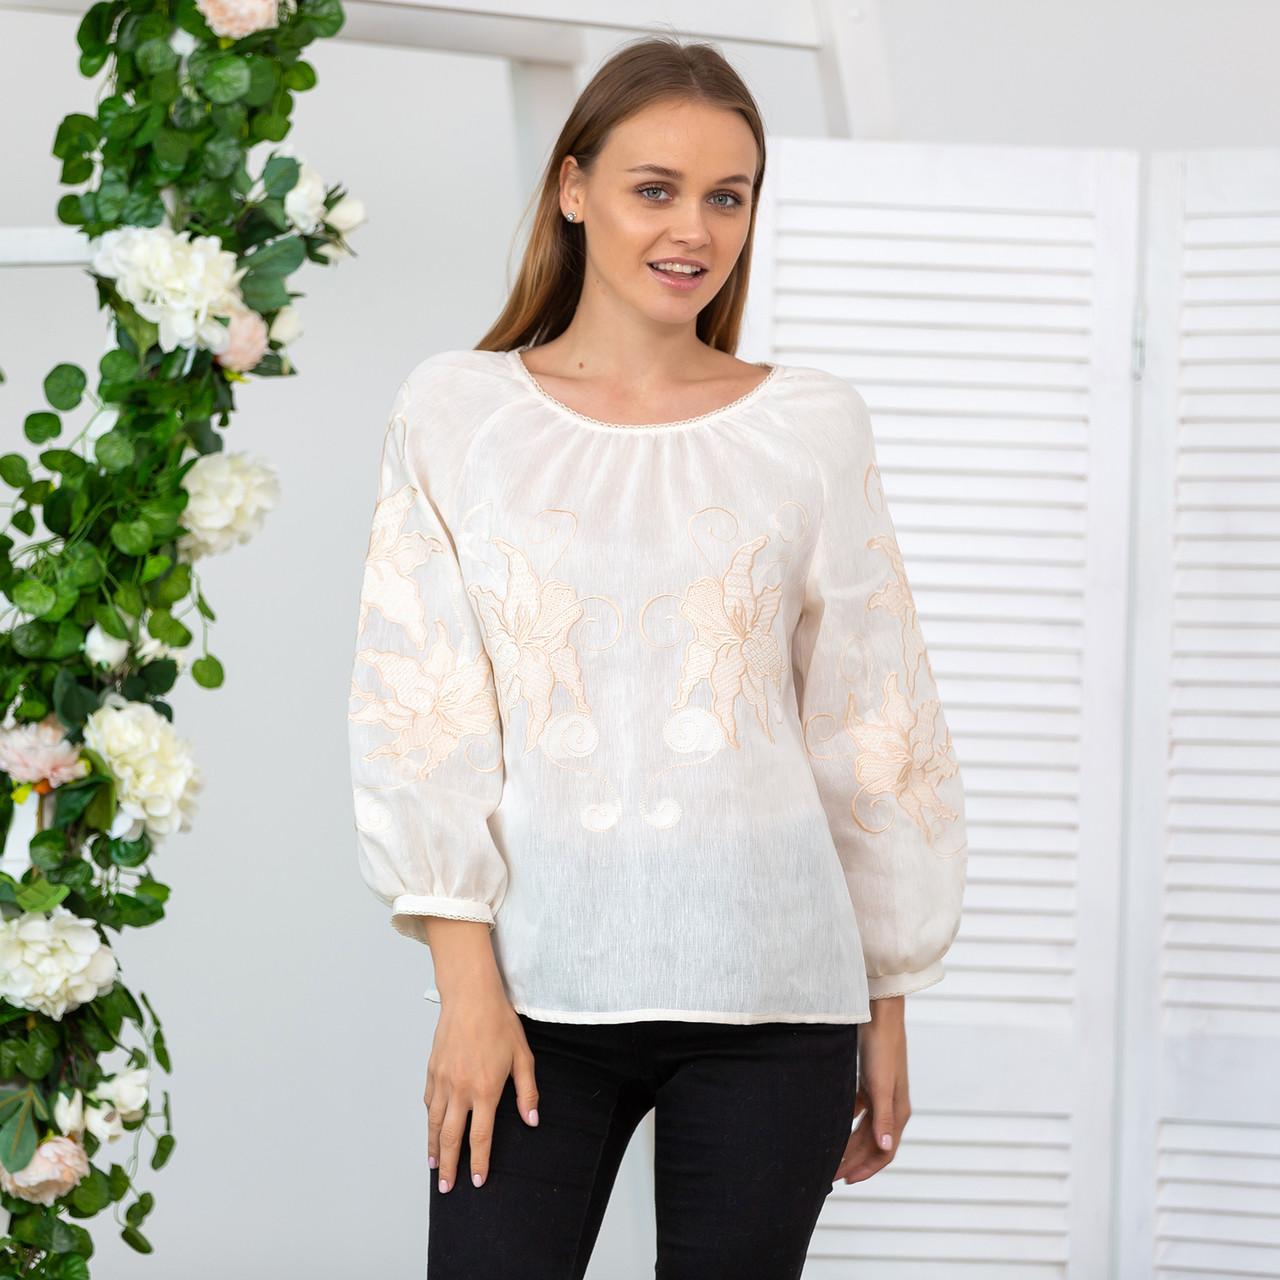 Жіноча блуза з вишивкою Француський шарм беж